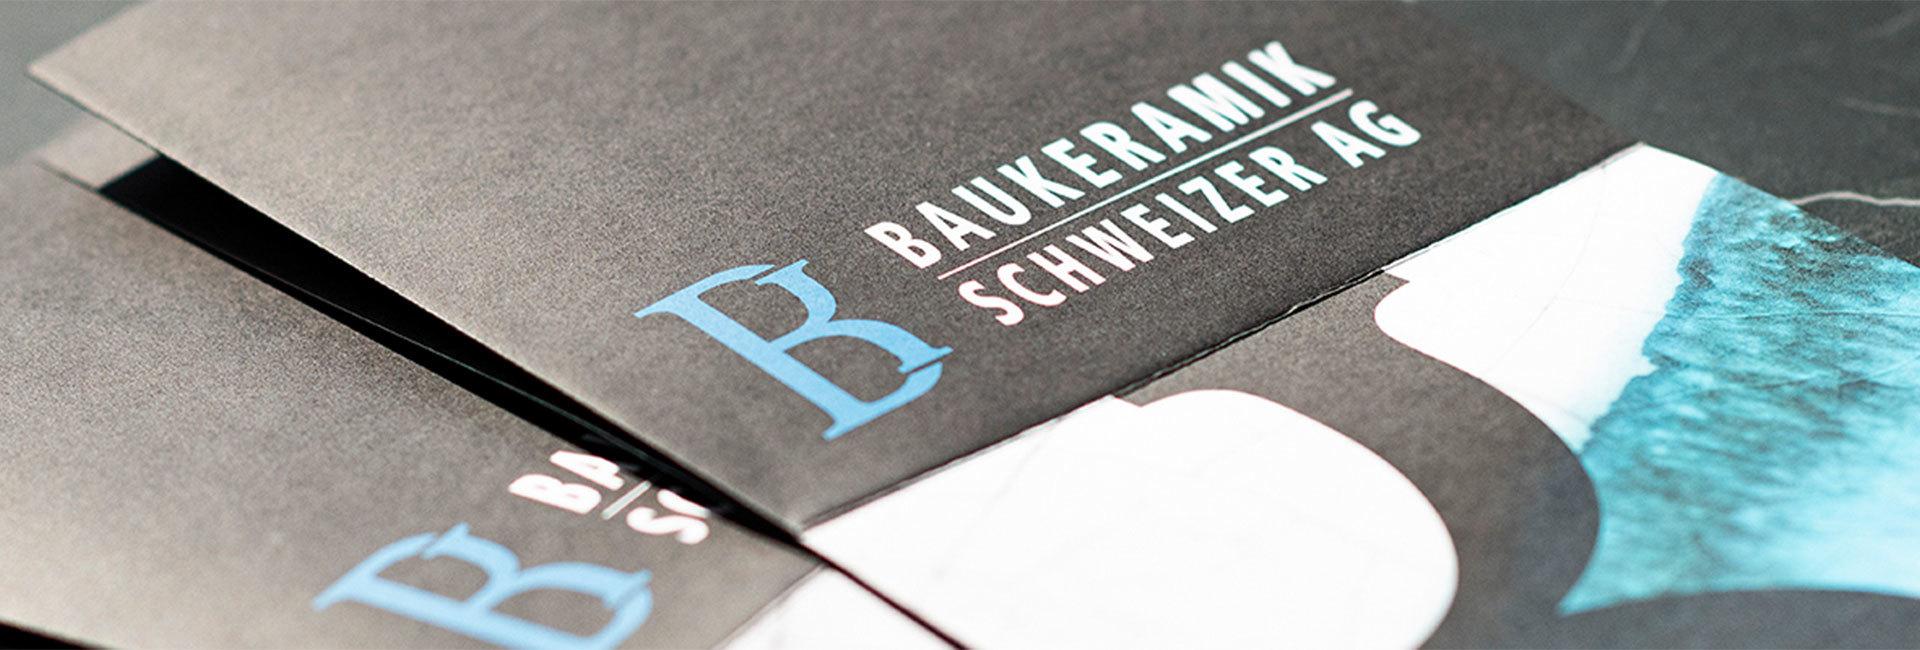 Allgemeinen Geschäftsbedingungen - Baukeramik Schweizer AG